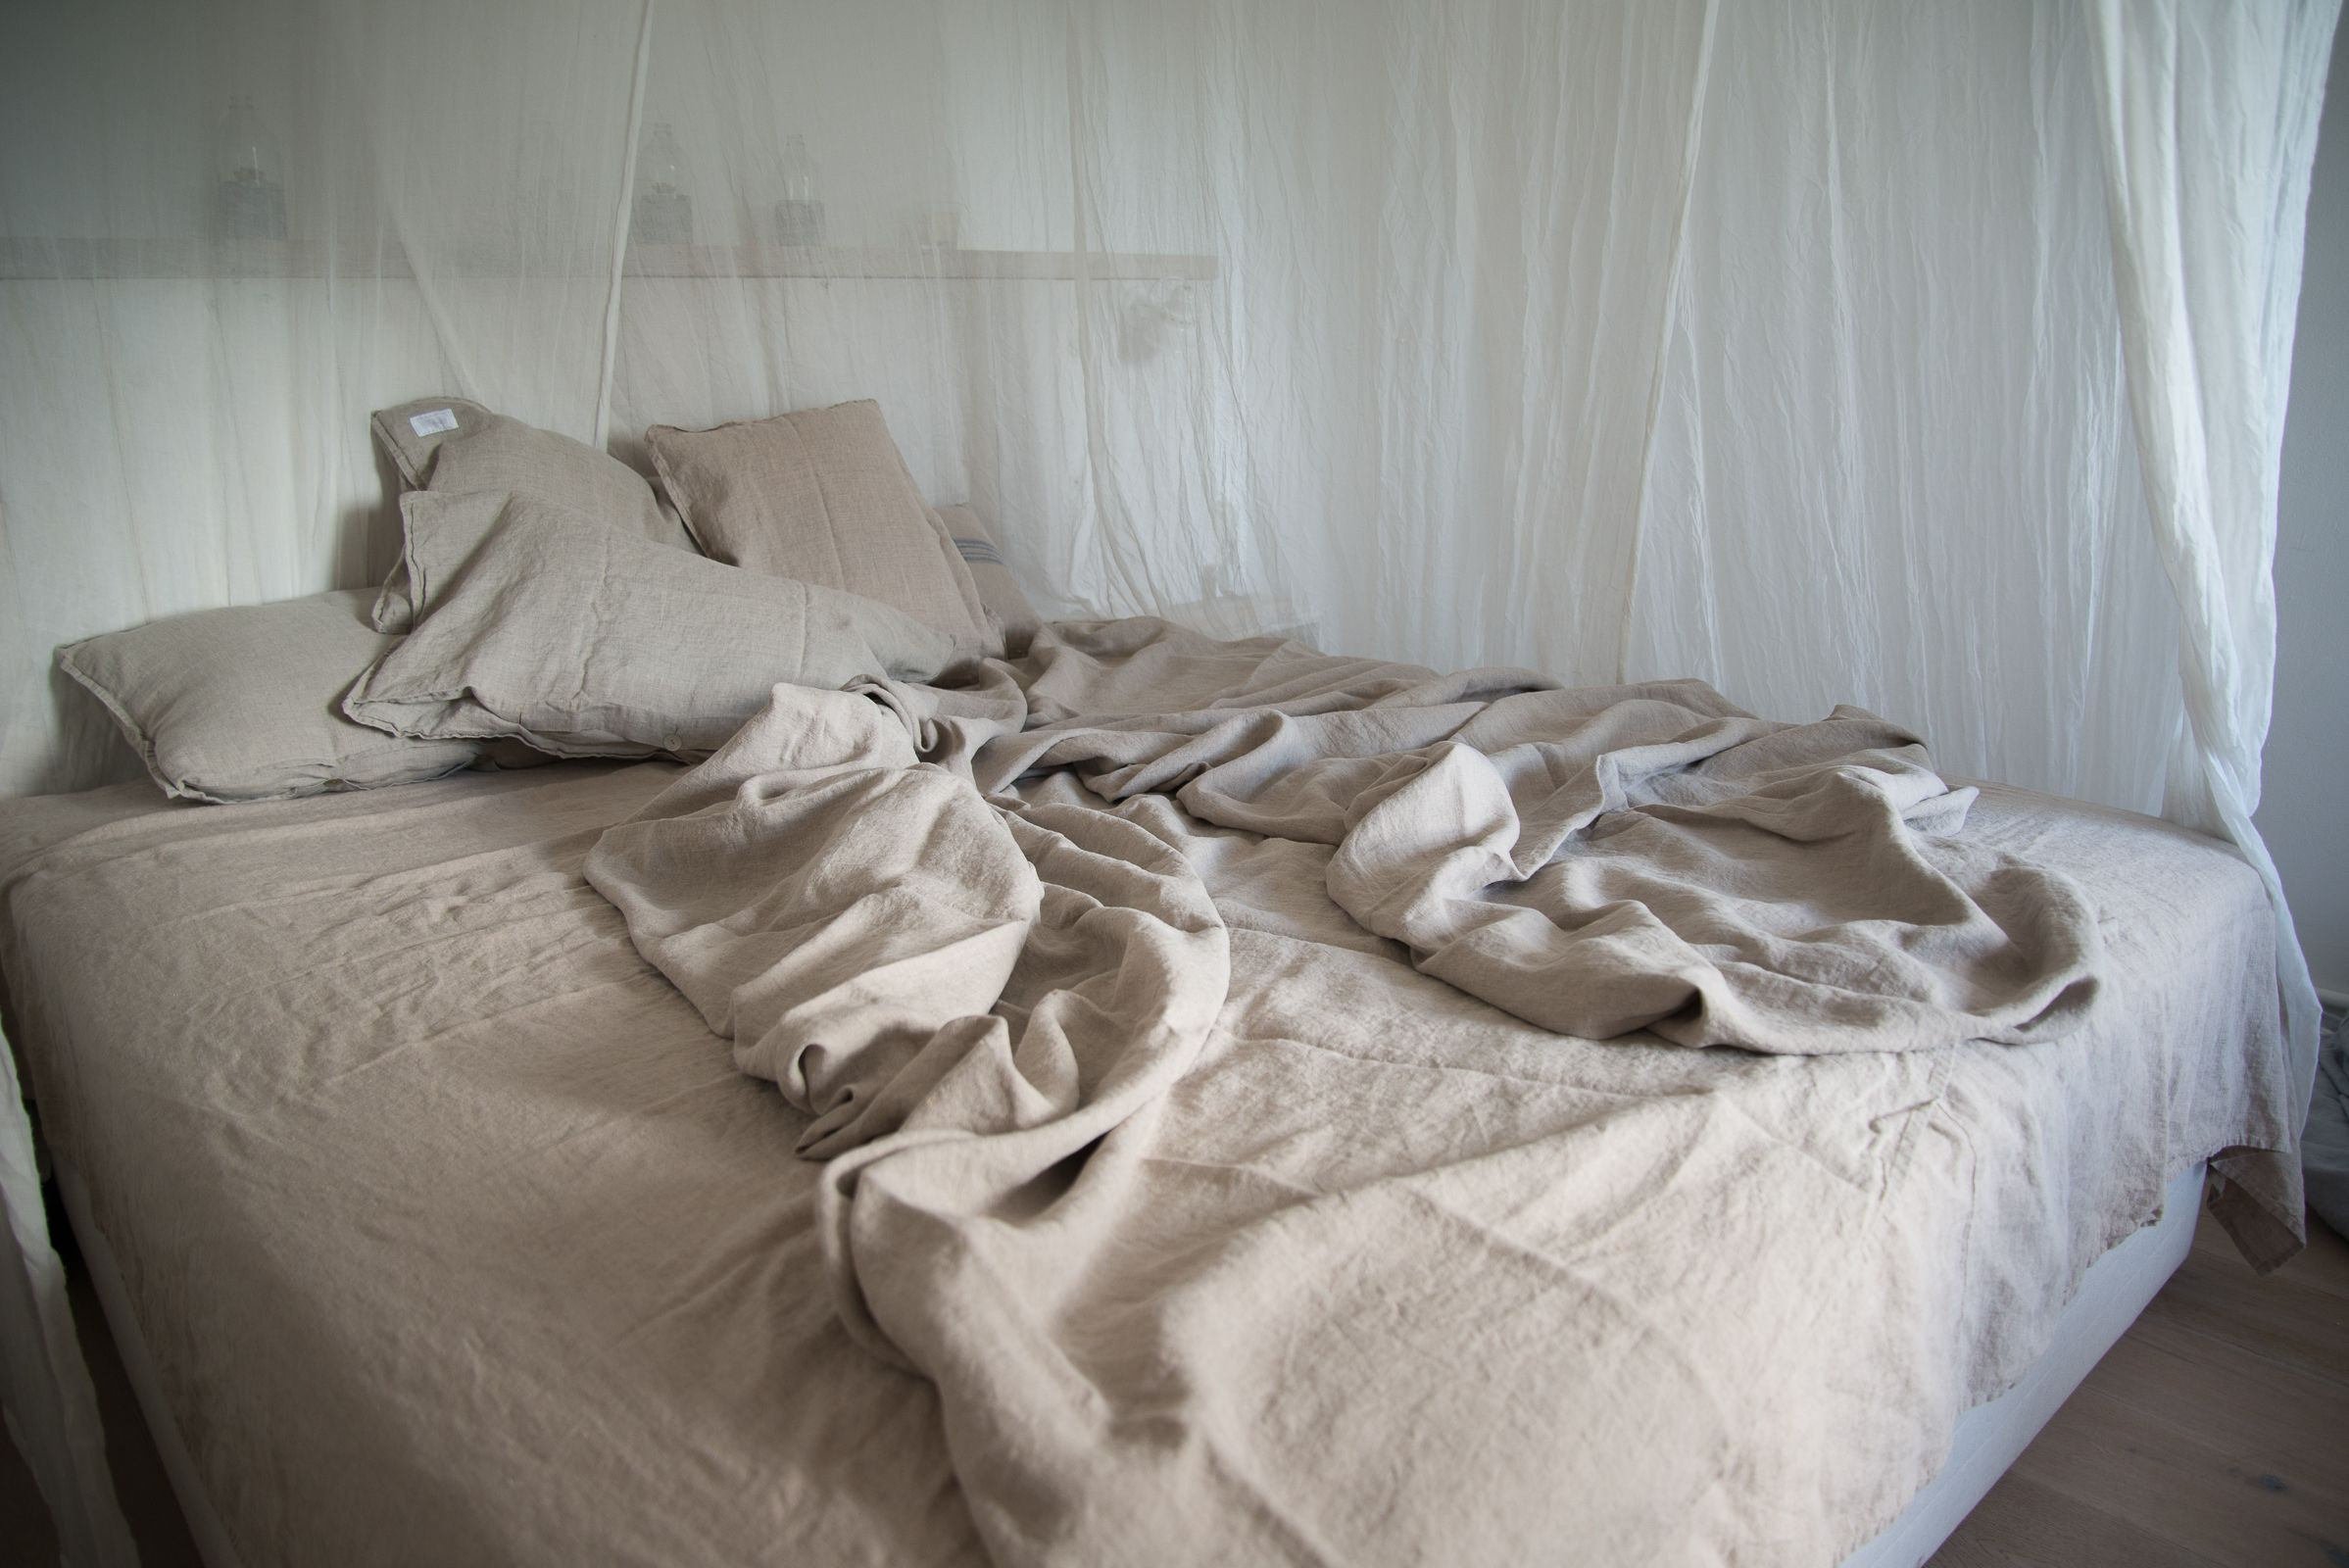 beautiful einfache dekoration und mobel bettwaesche zum wohlfuhlen #1: Bettwäsche. TextilienSchlichtEinfachDekoBarfuß